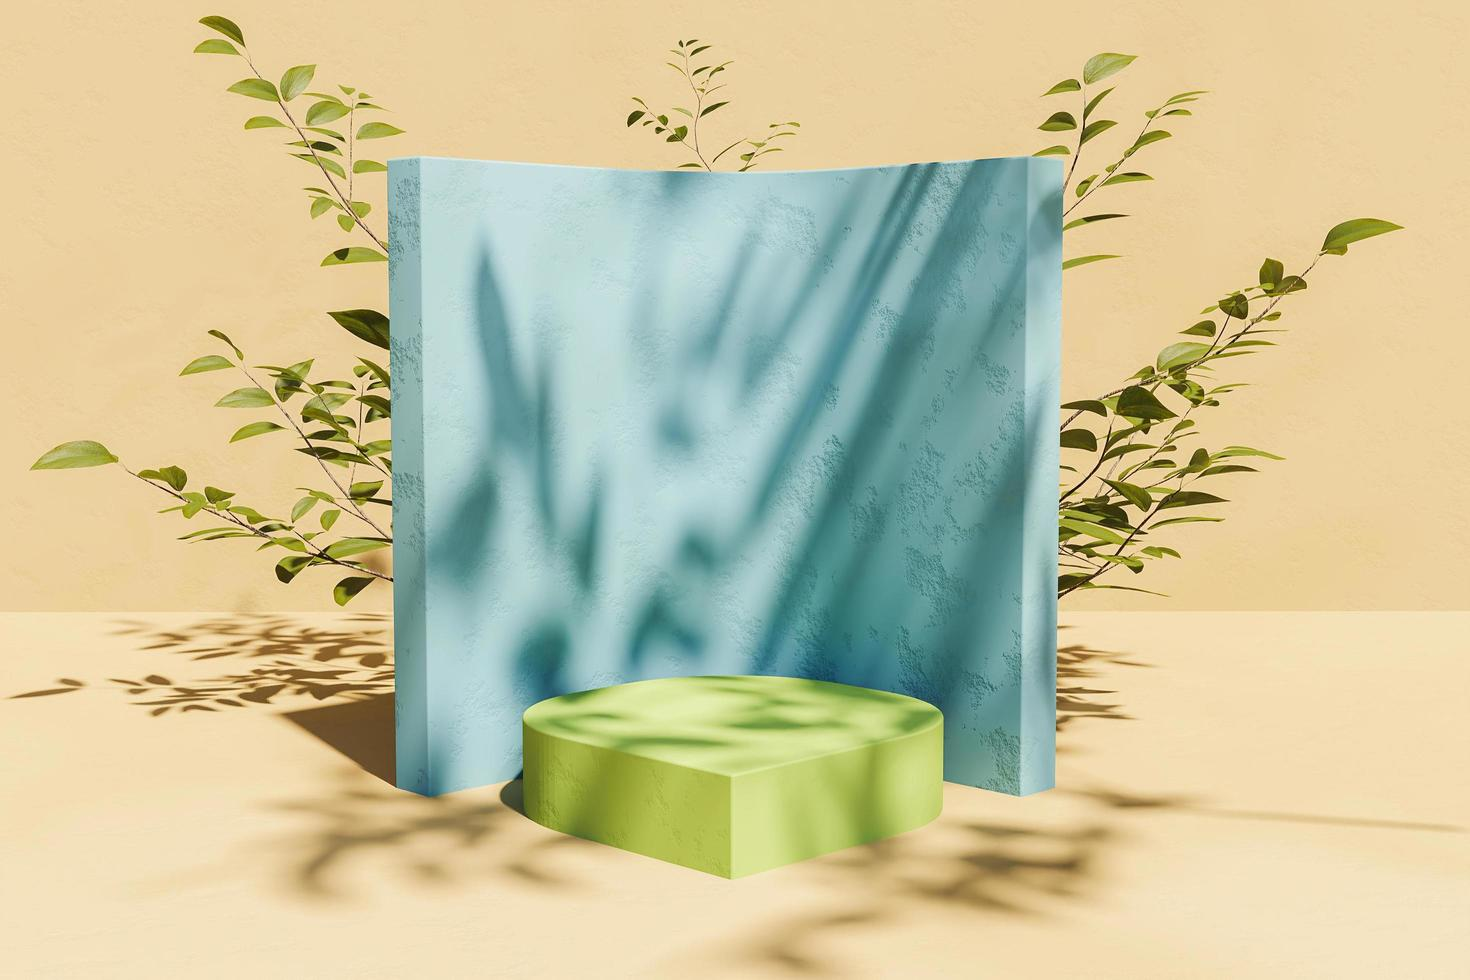 stand per l'esposizione del prodotto con vegetazione posteriore e paralume, rendering 3d foto